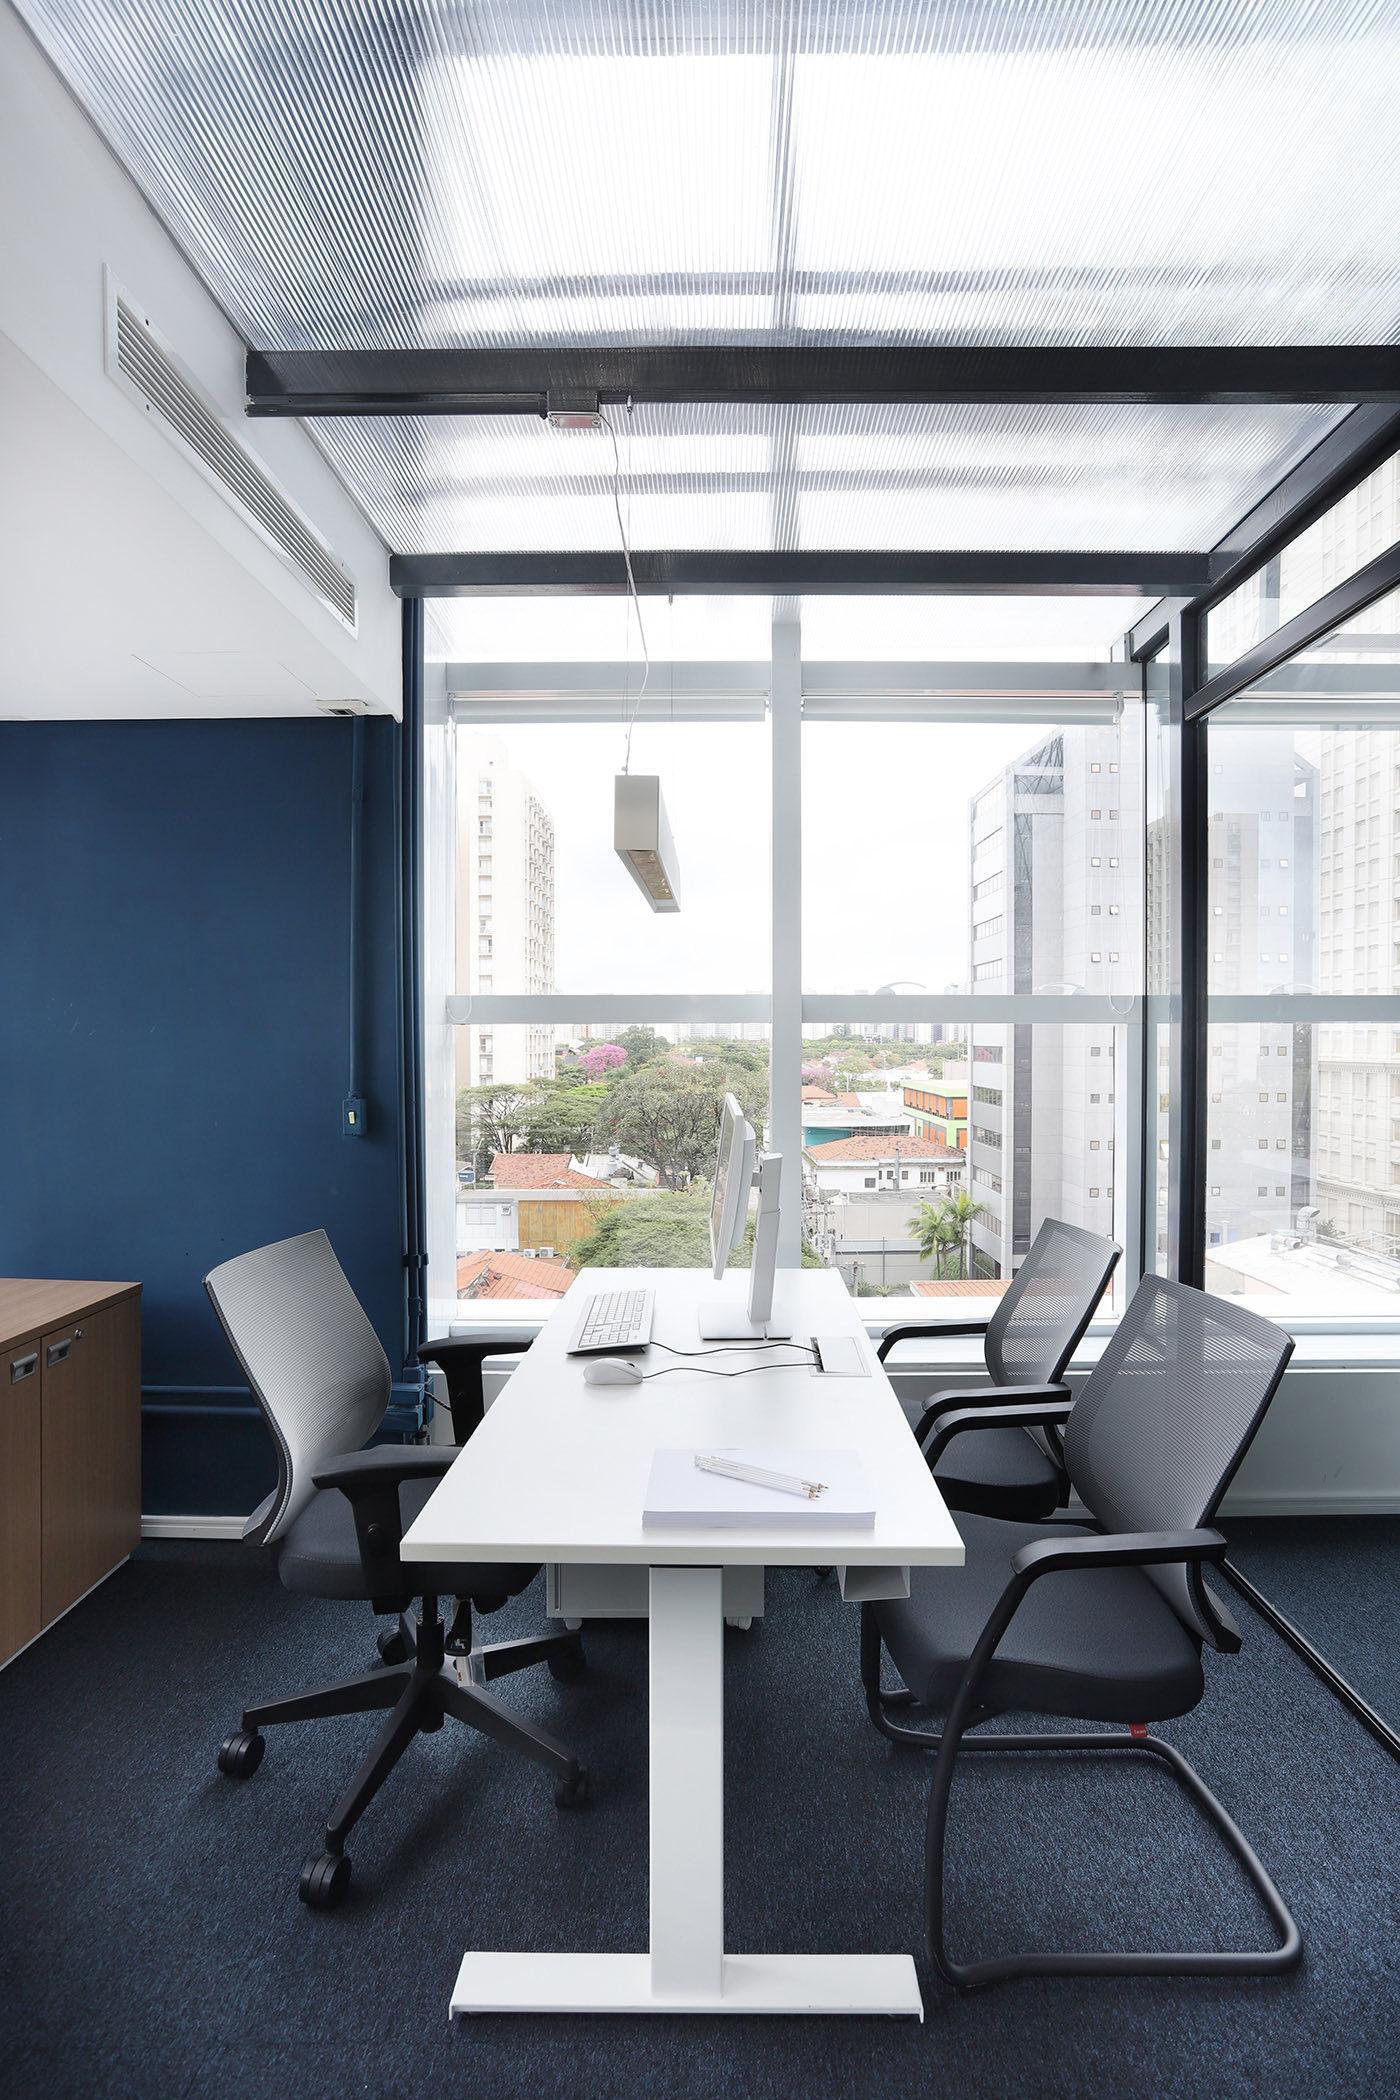 lufthansa-office-brazil-18